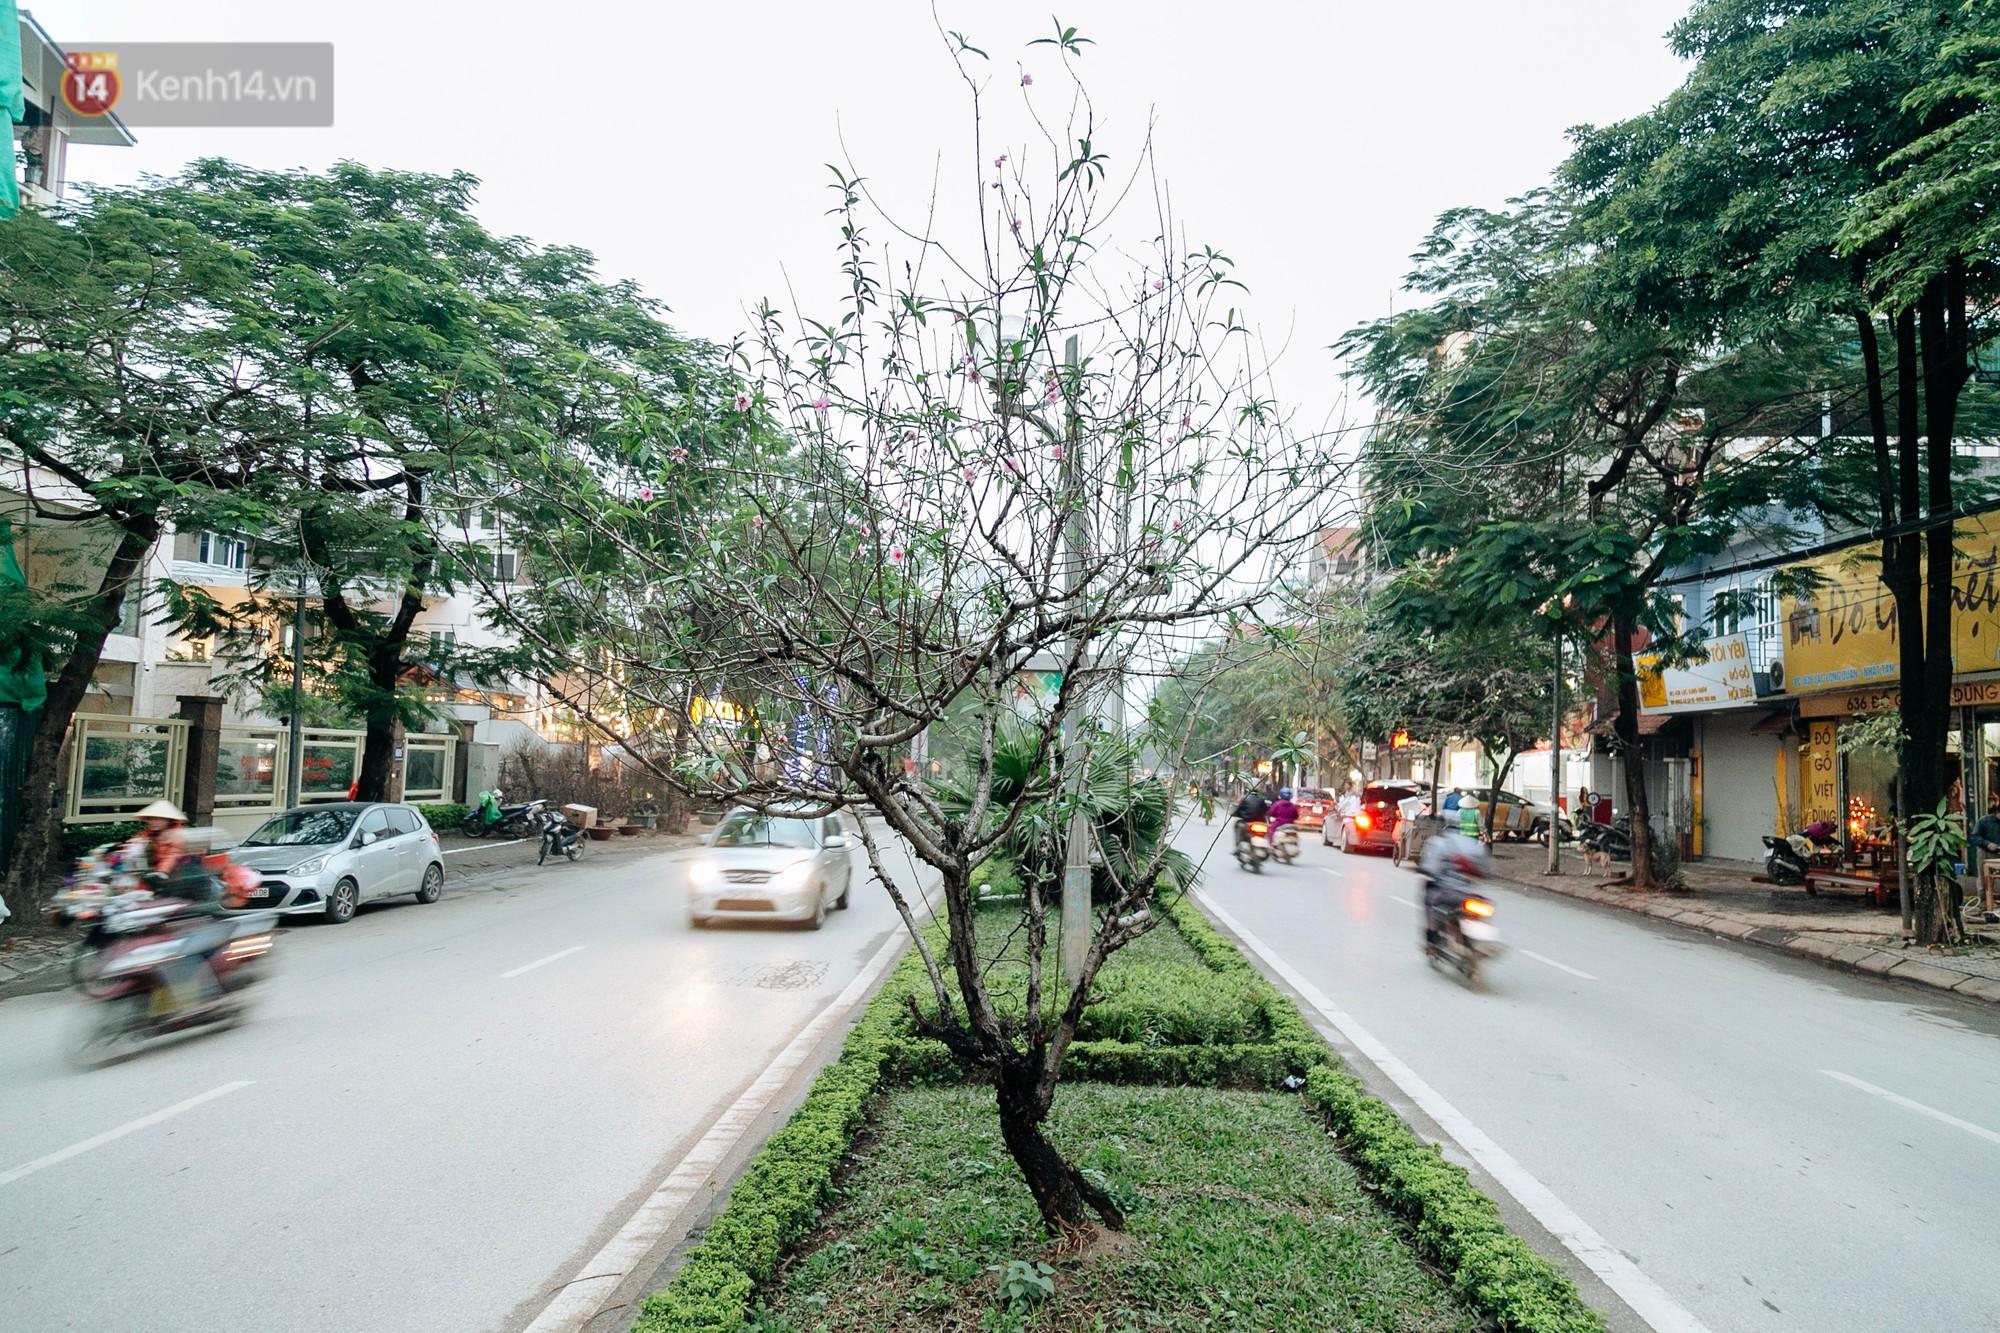 Chùm ảnh: Hoa đào đã nở đỏ rực trên những tuyến phố Hà Nội, Tết đã đến rất gần rồi! - Ảnh 1.